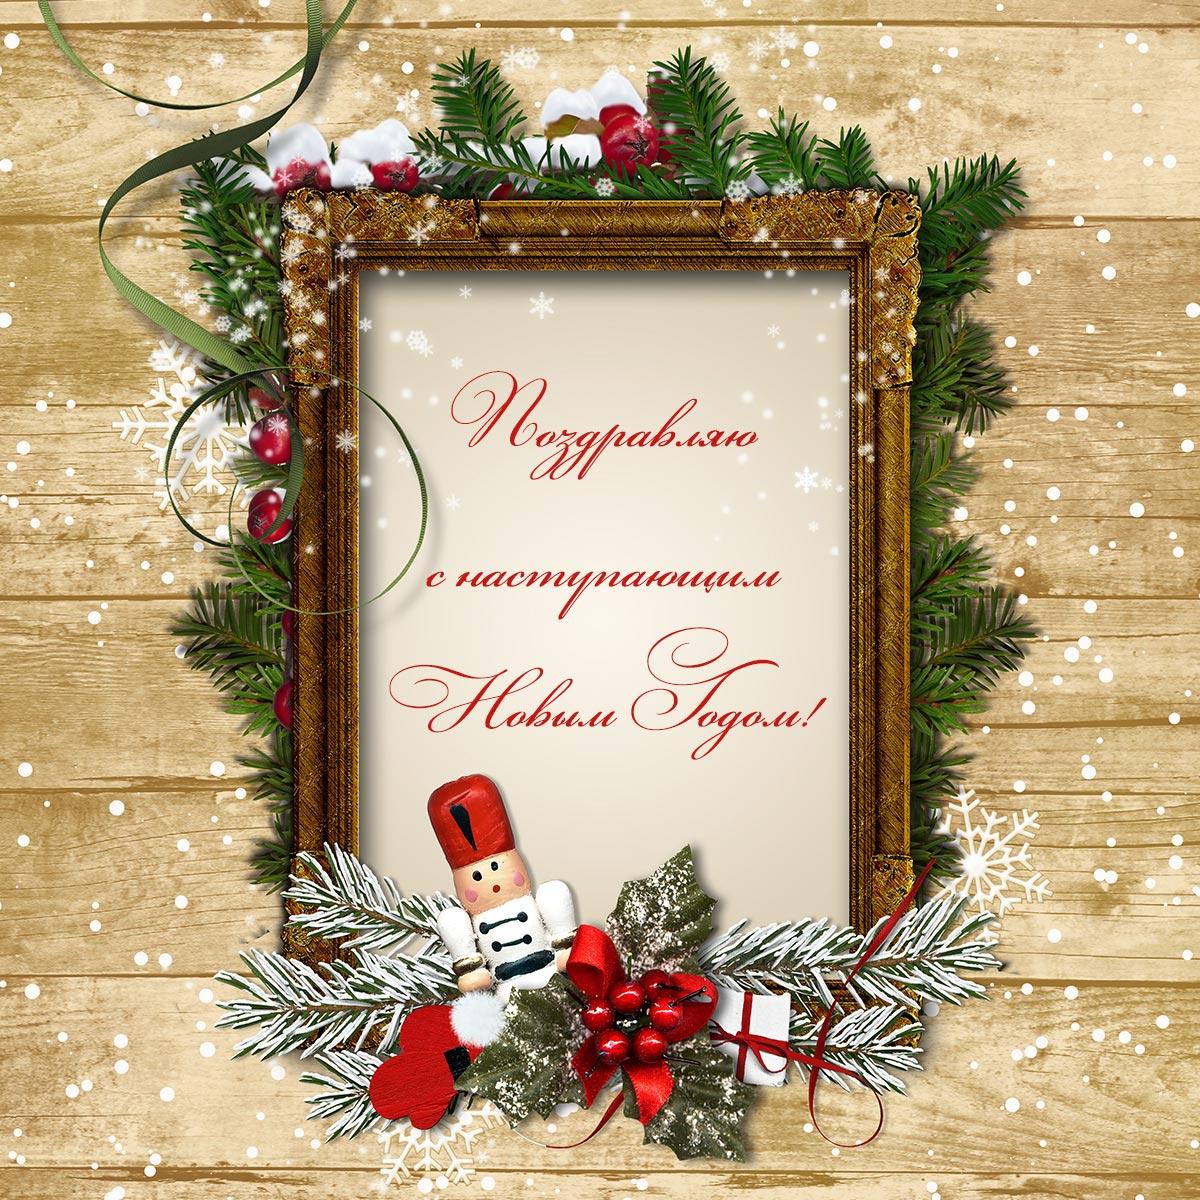 Картинка - открытка в стиле скрапбукинг с текстом поздравления внутри прямоугольной рамки с еловыми ветками и рождественскими украшениями.